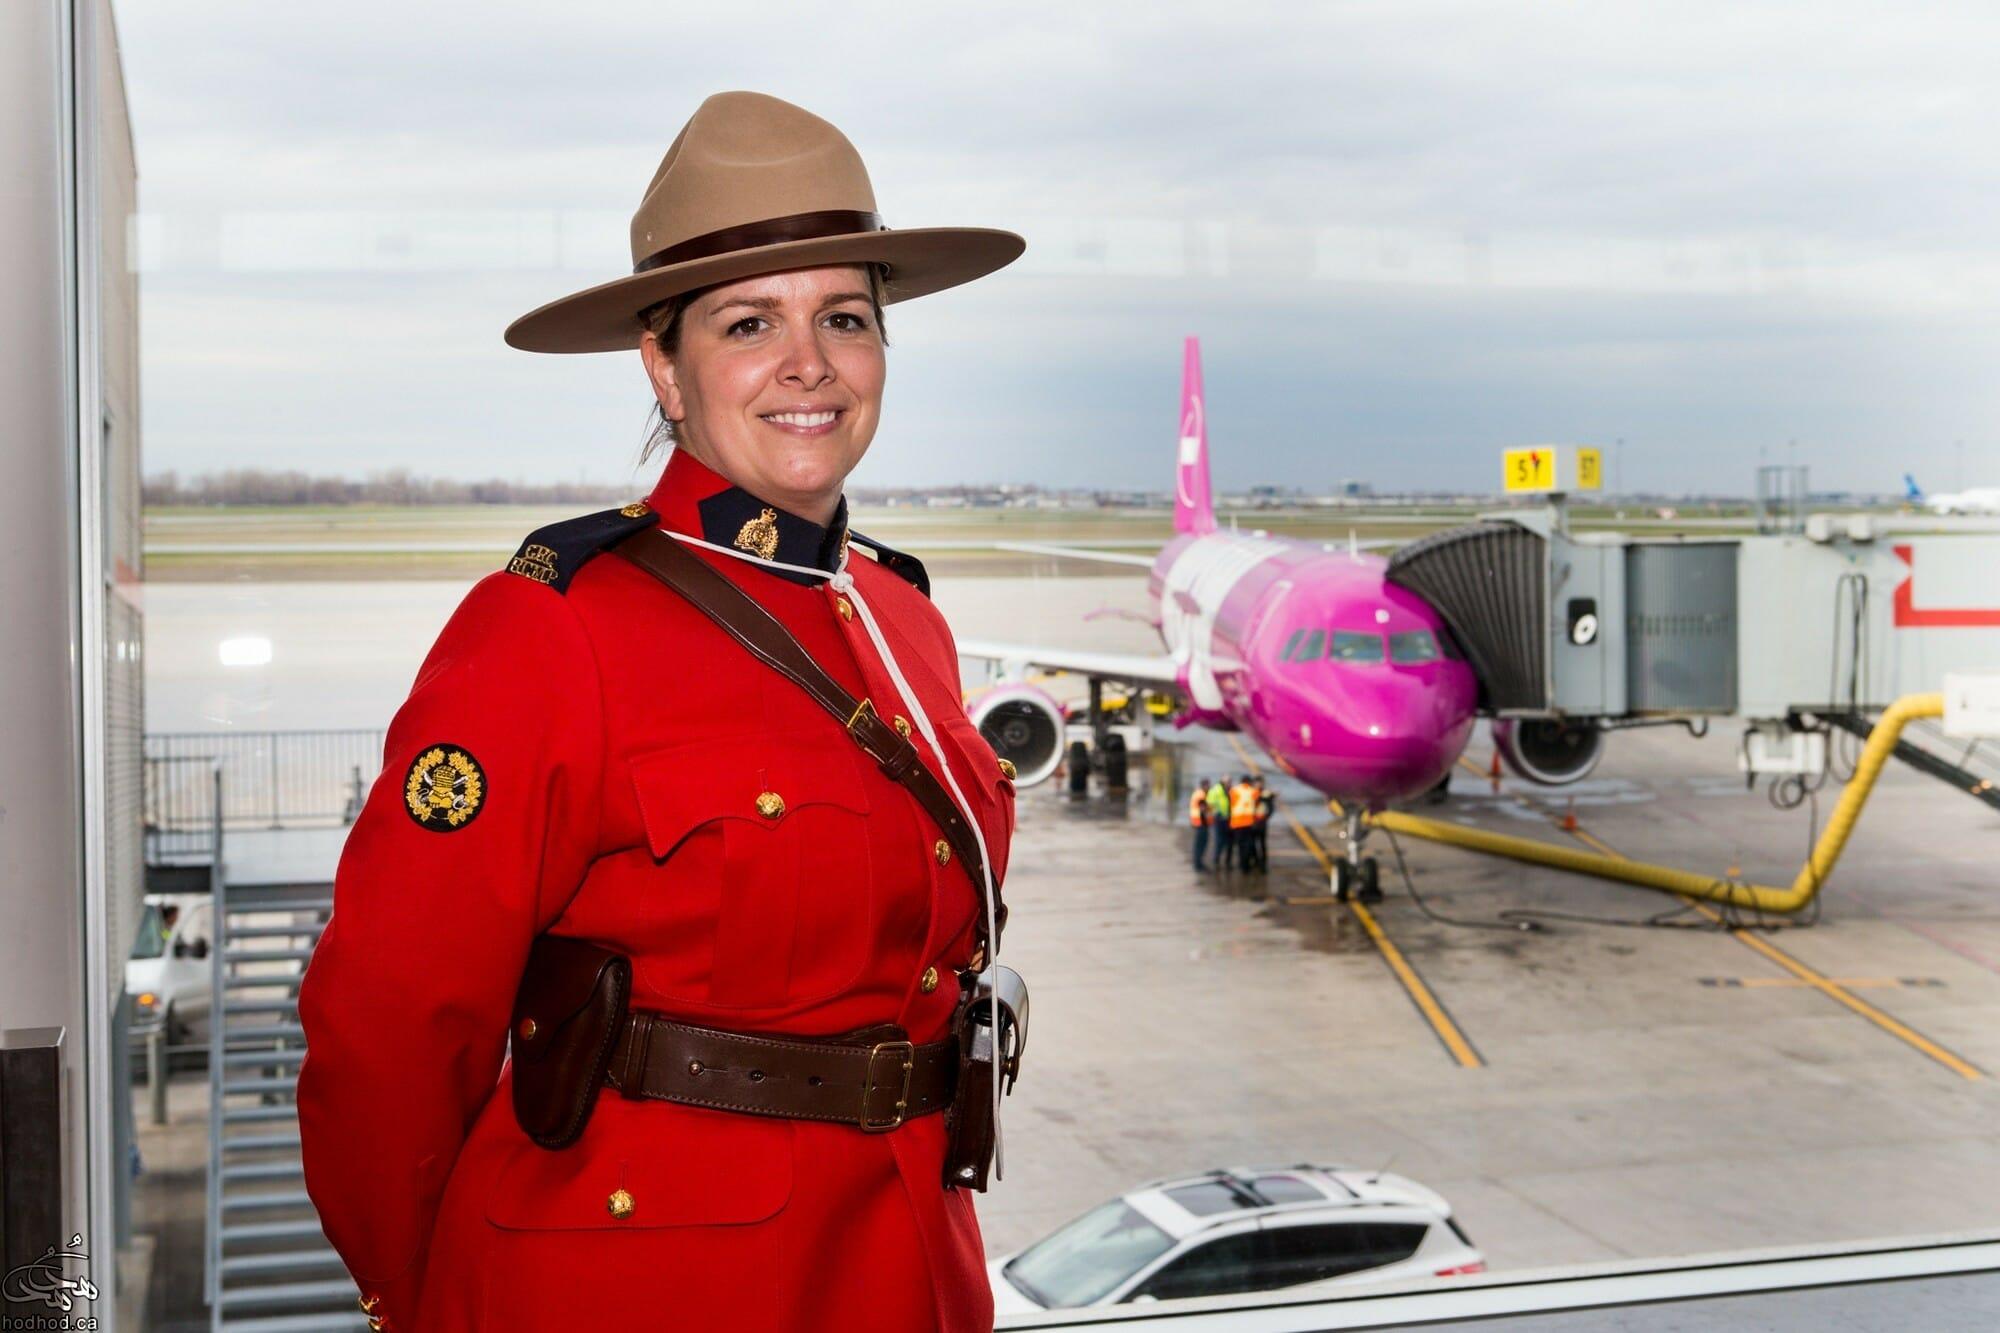 شروع پروازهای بسیار ارزان (از 99 دلار) خطوط هواپیمایی WOW از مونترال به اروپا